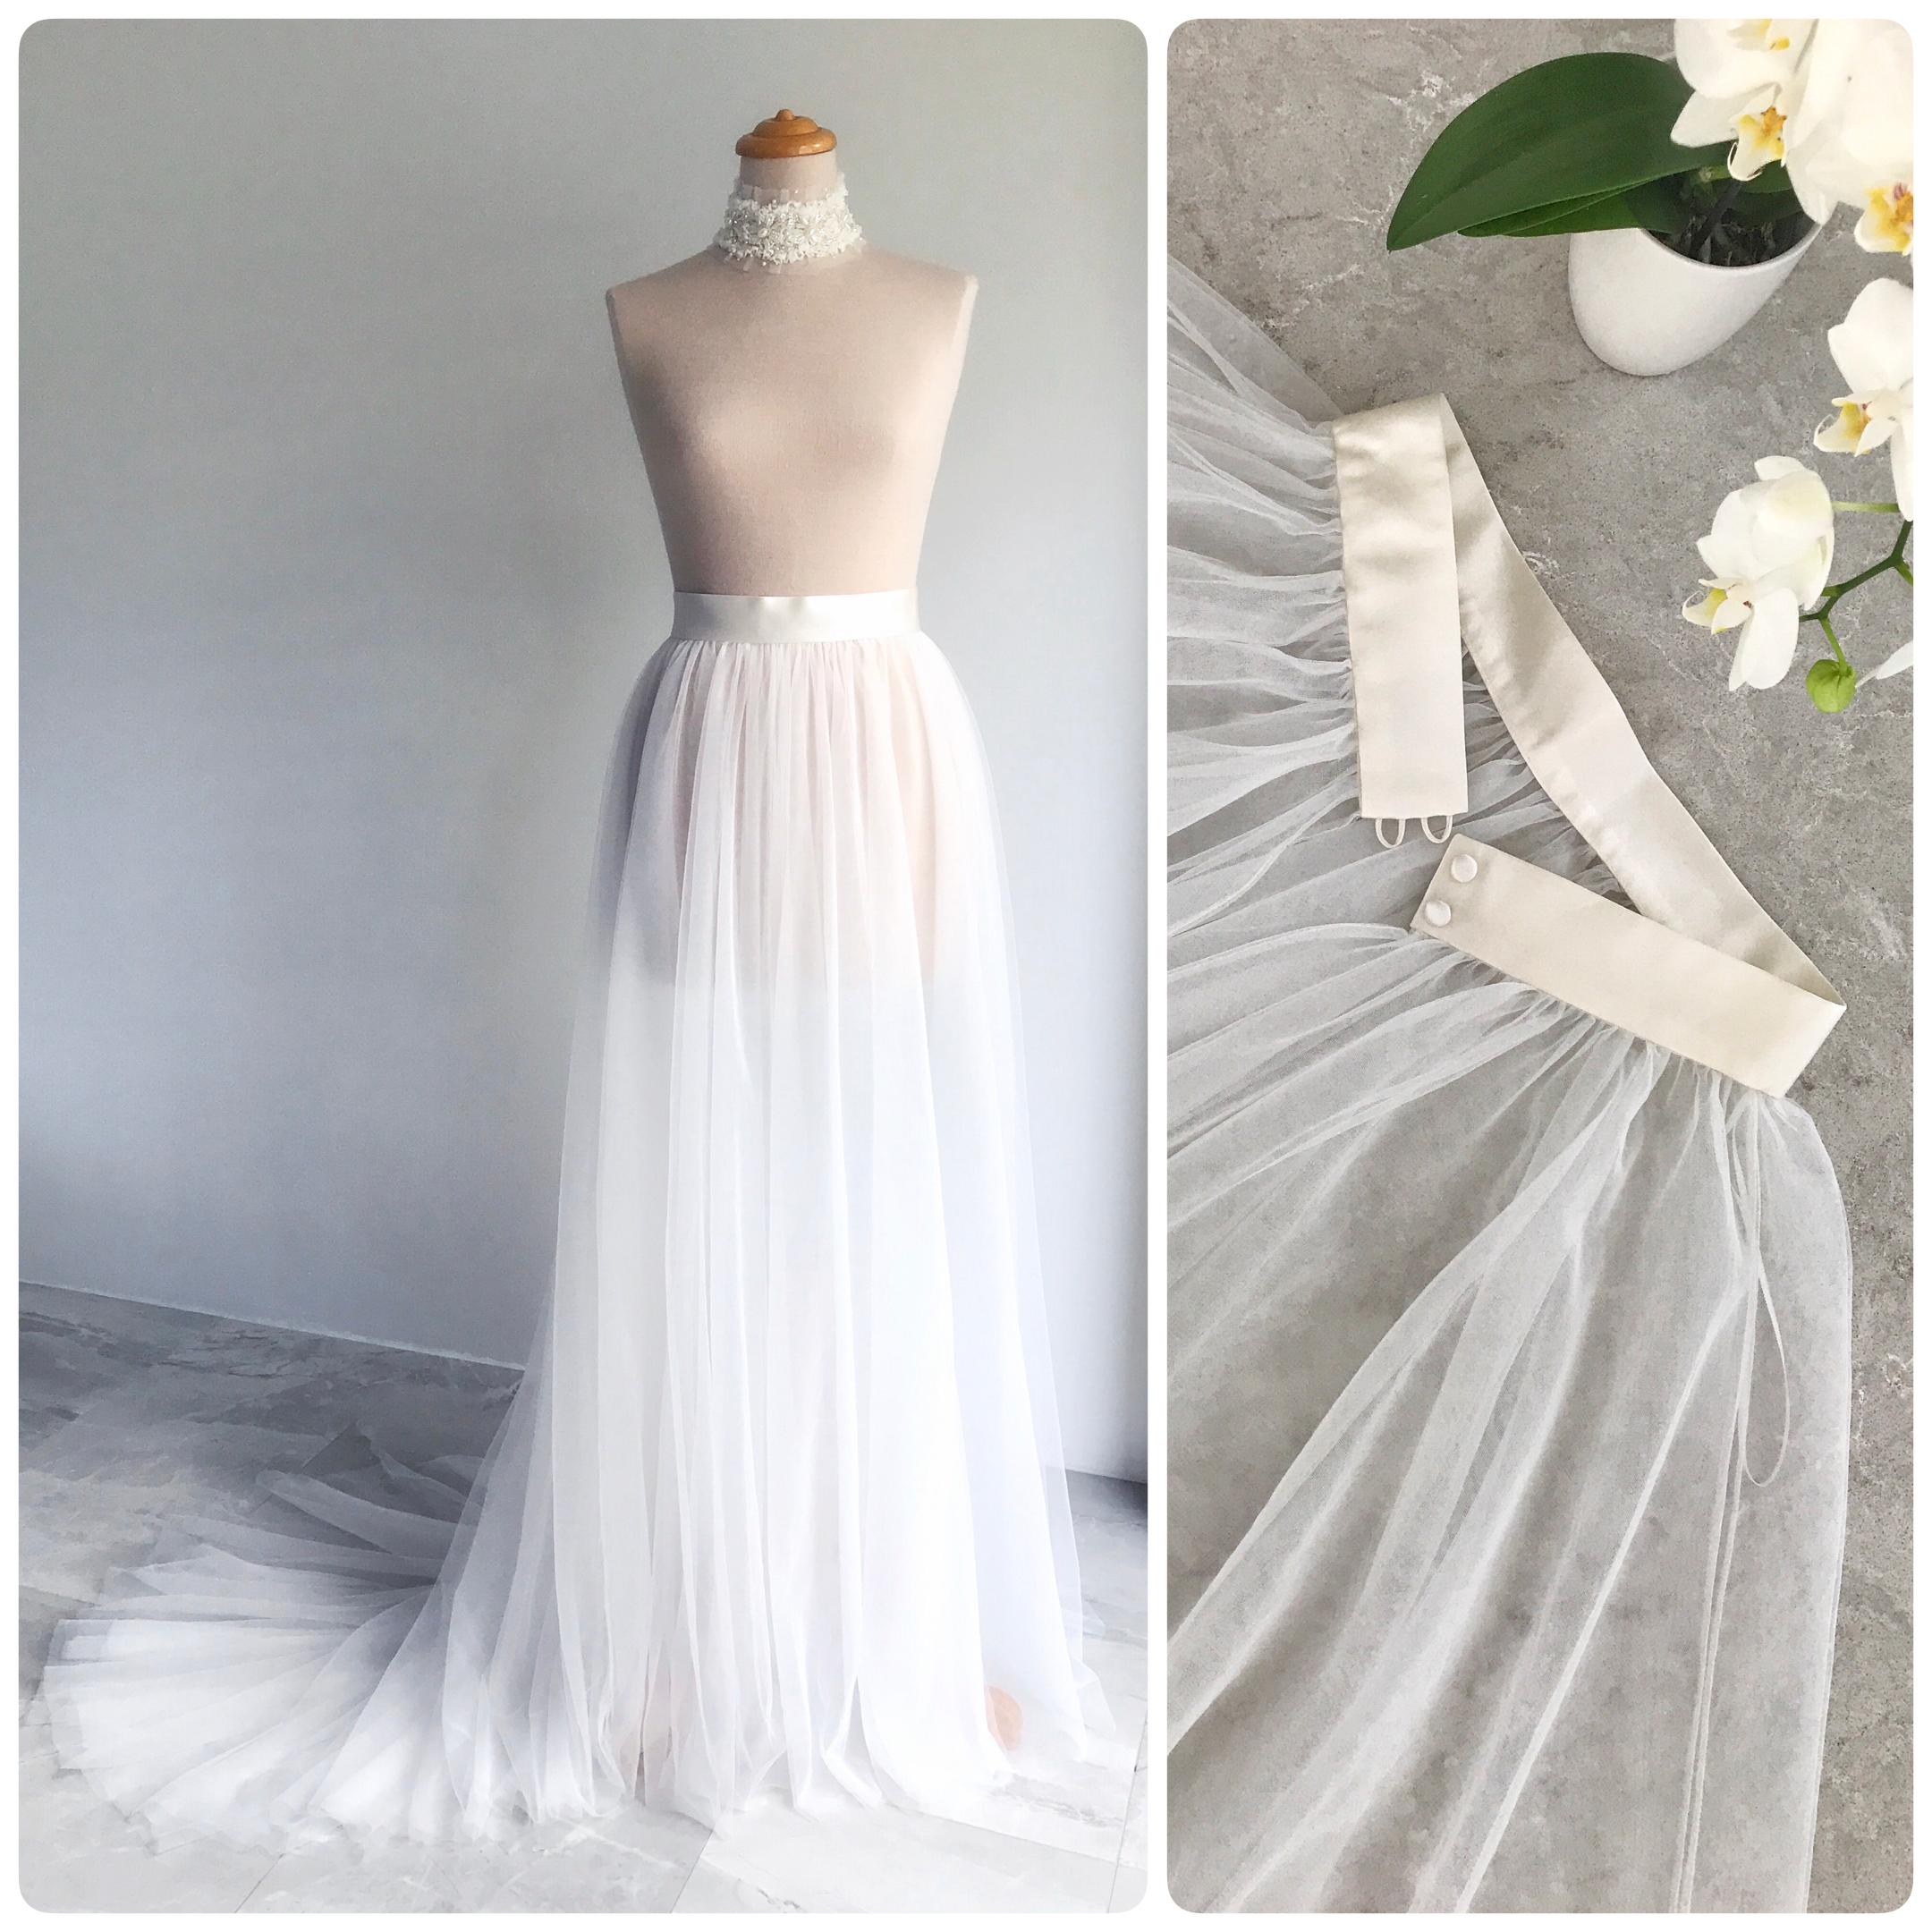 Bridal Tulle Skirt Overlay/ Full Length Tutu/ Floor Length